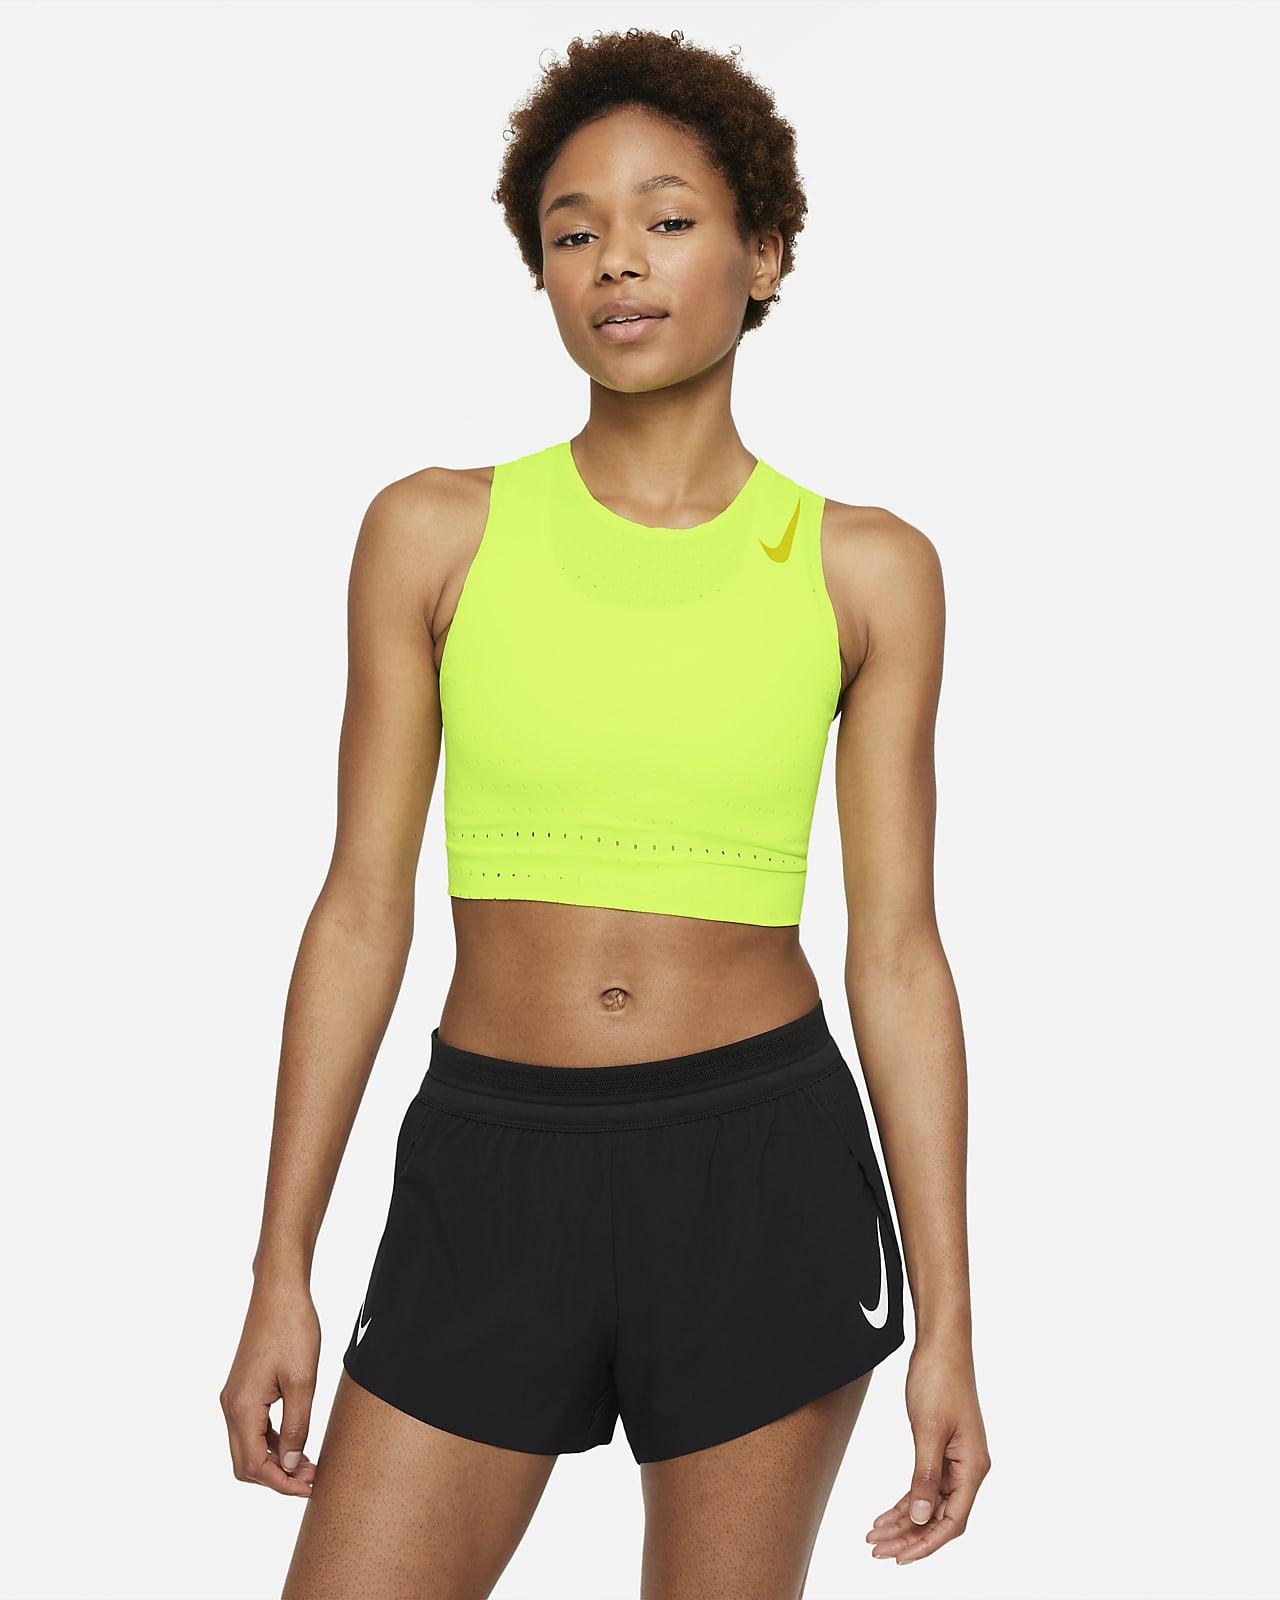 Nike Aeroswift verkürztes Lauf-Singlet für Damen